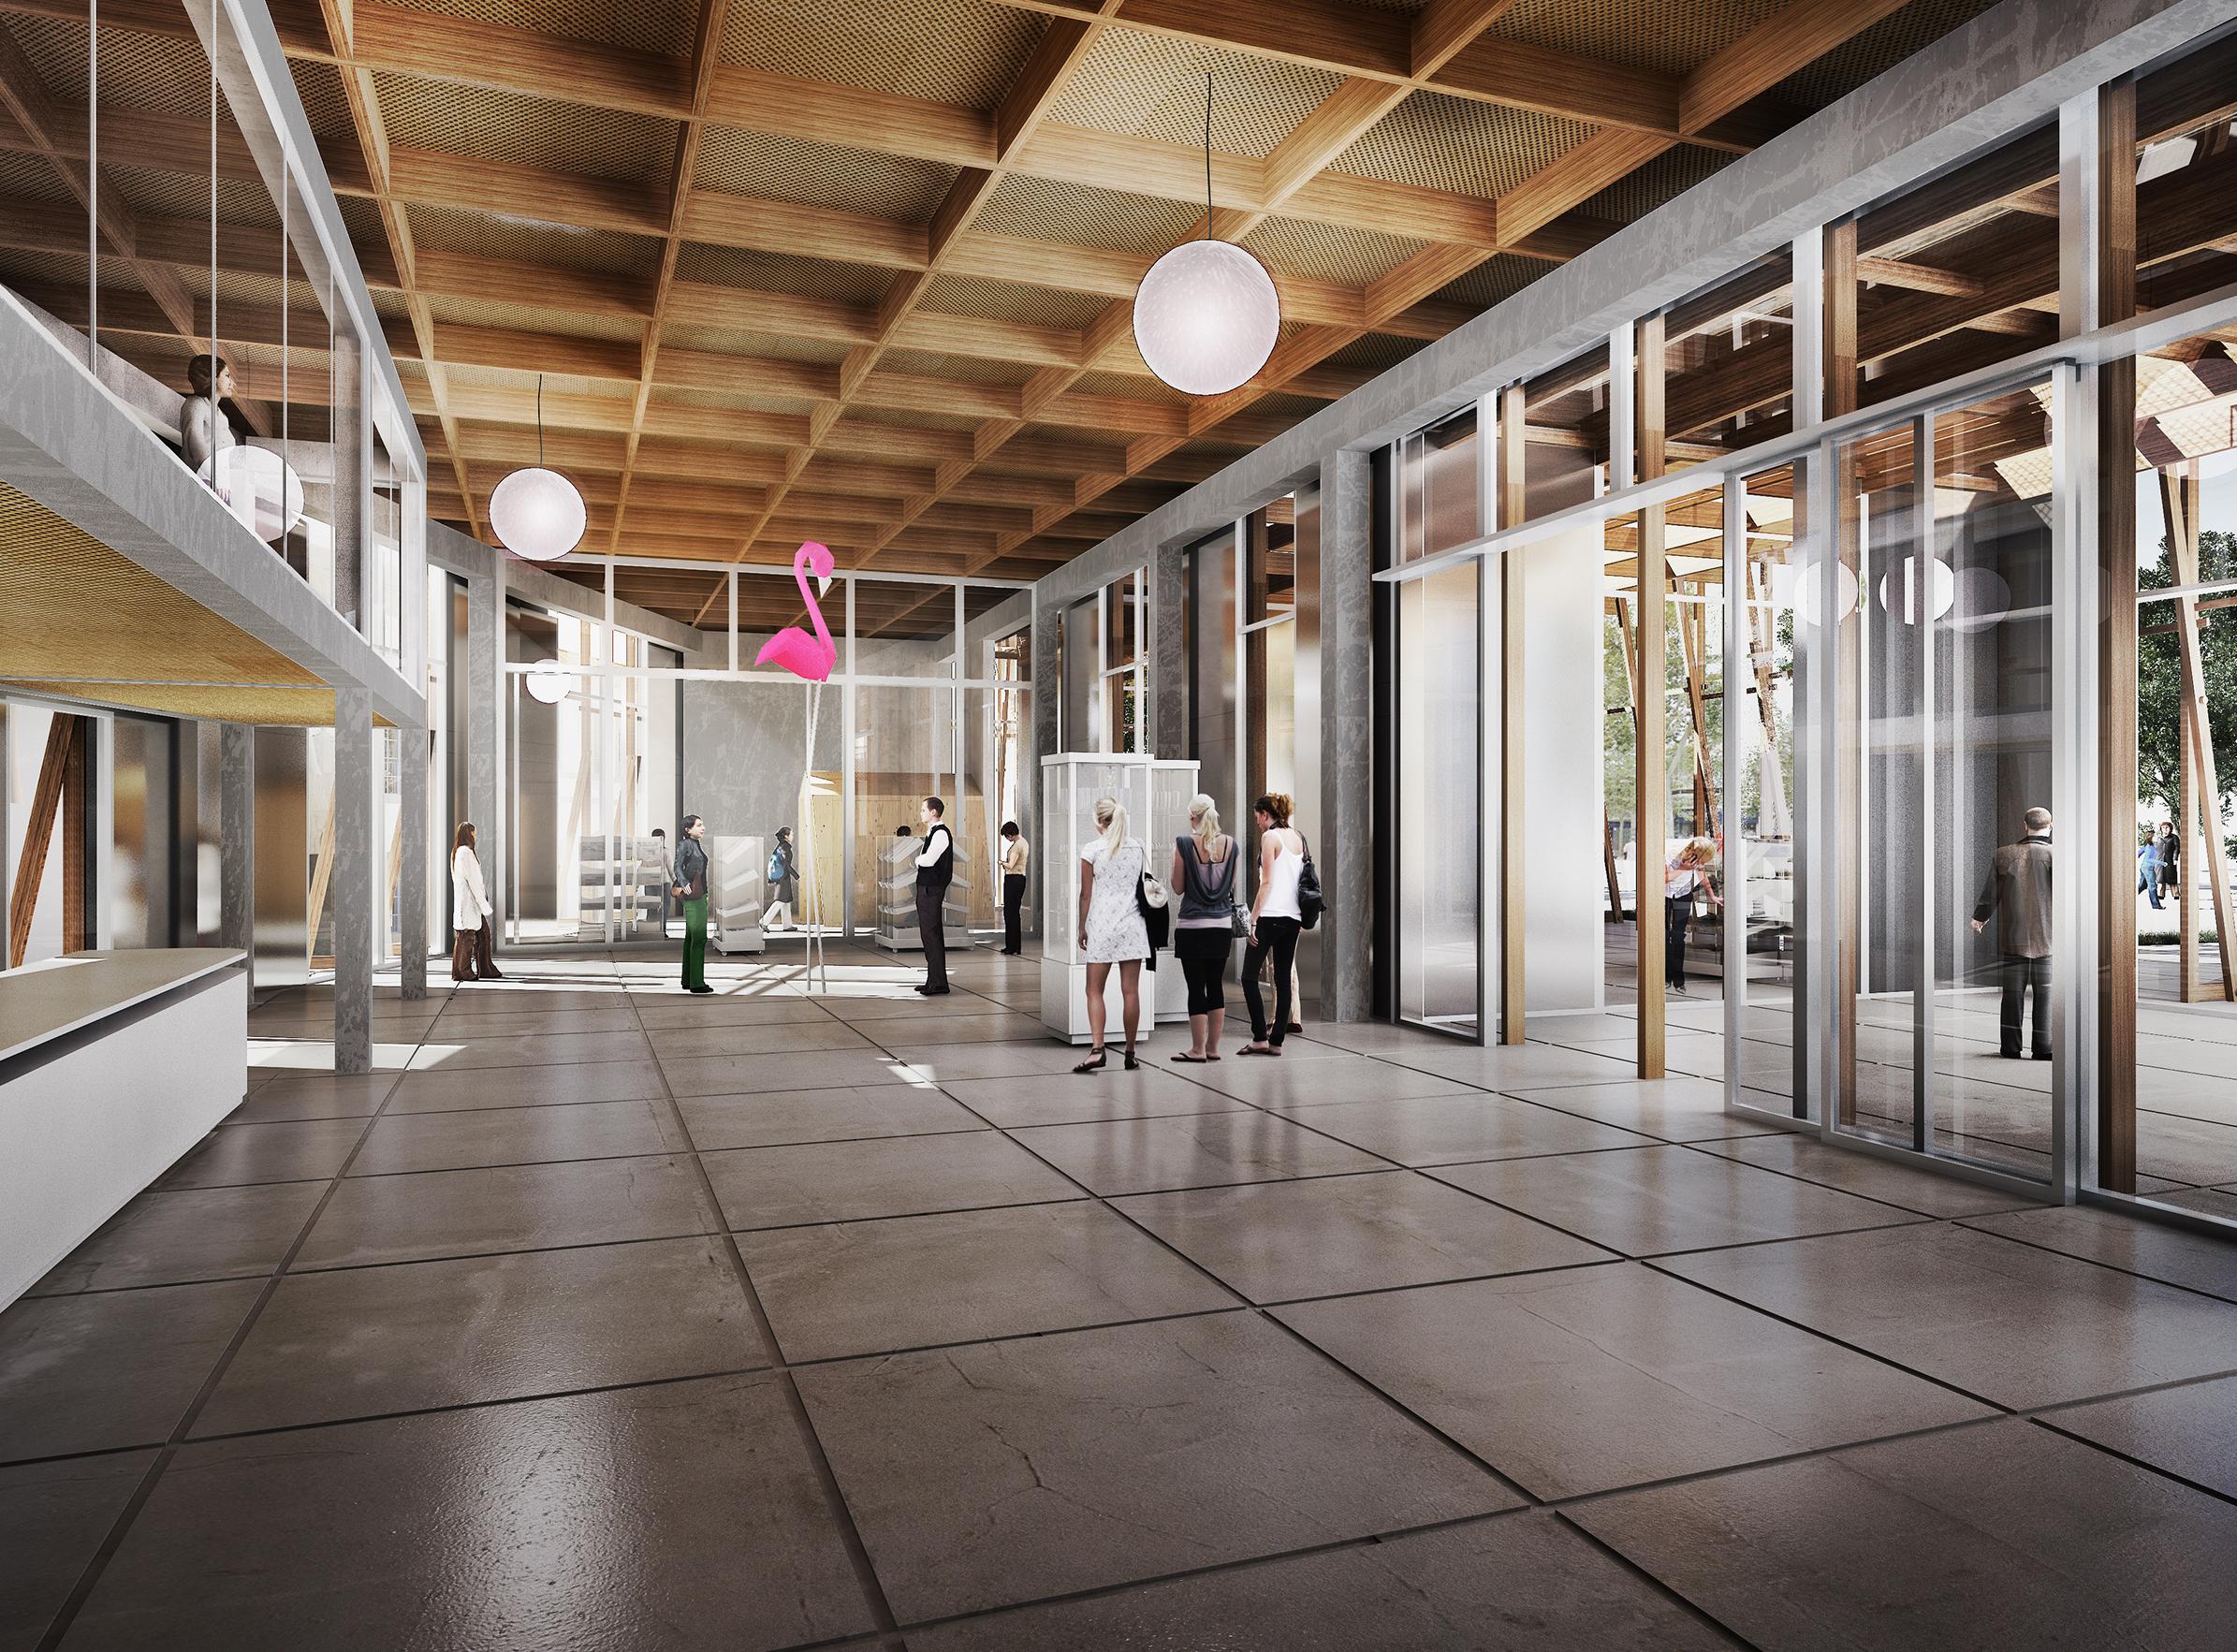 Office du tourisme Arles - 03 - Équipements Bureau - Caractère Spécial - Matthieu Poitevin Architecture